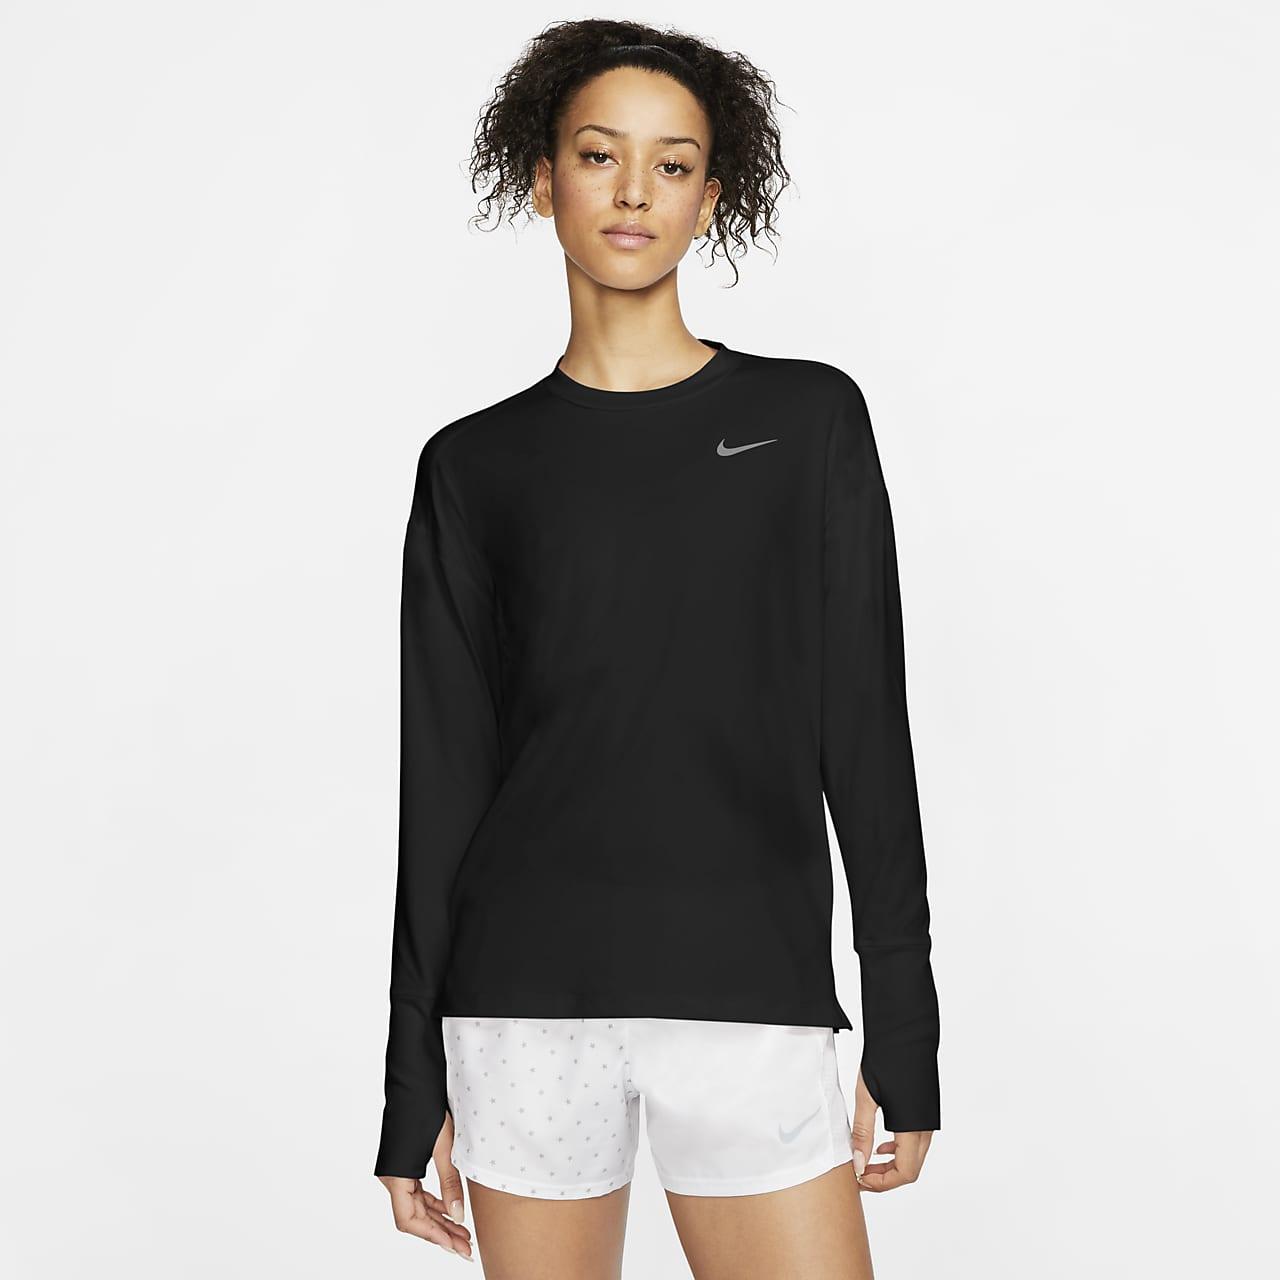 เสื้อวิ่งผู้หญิง Nike Element